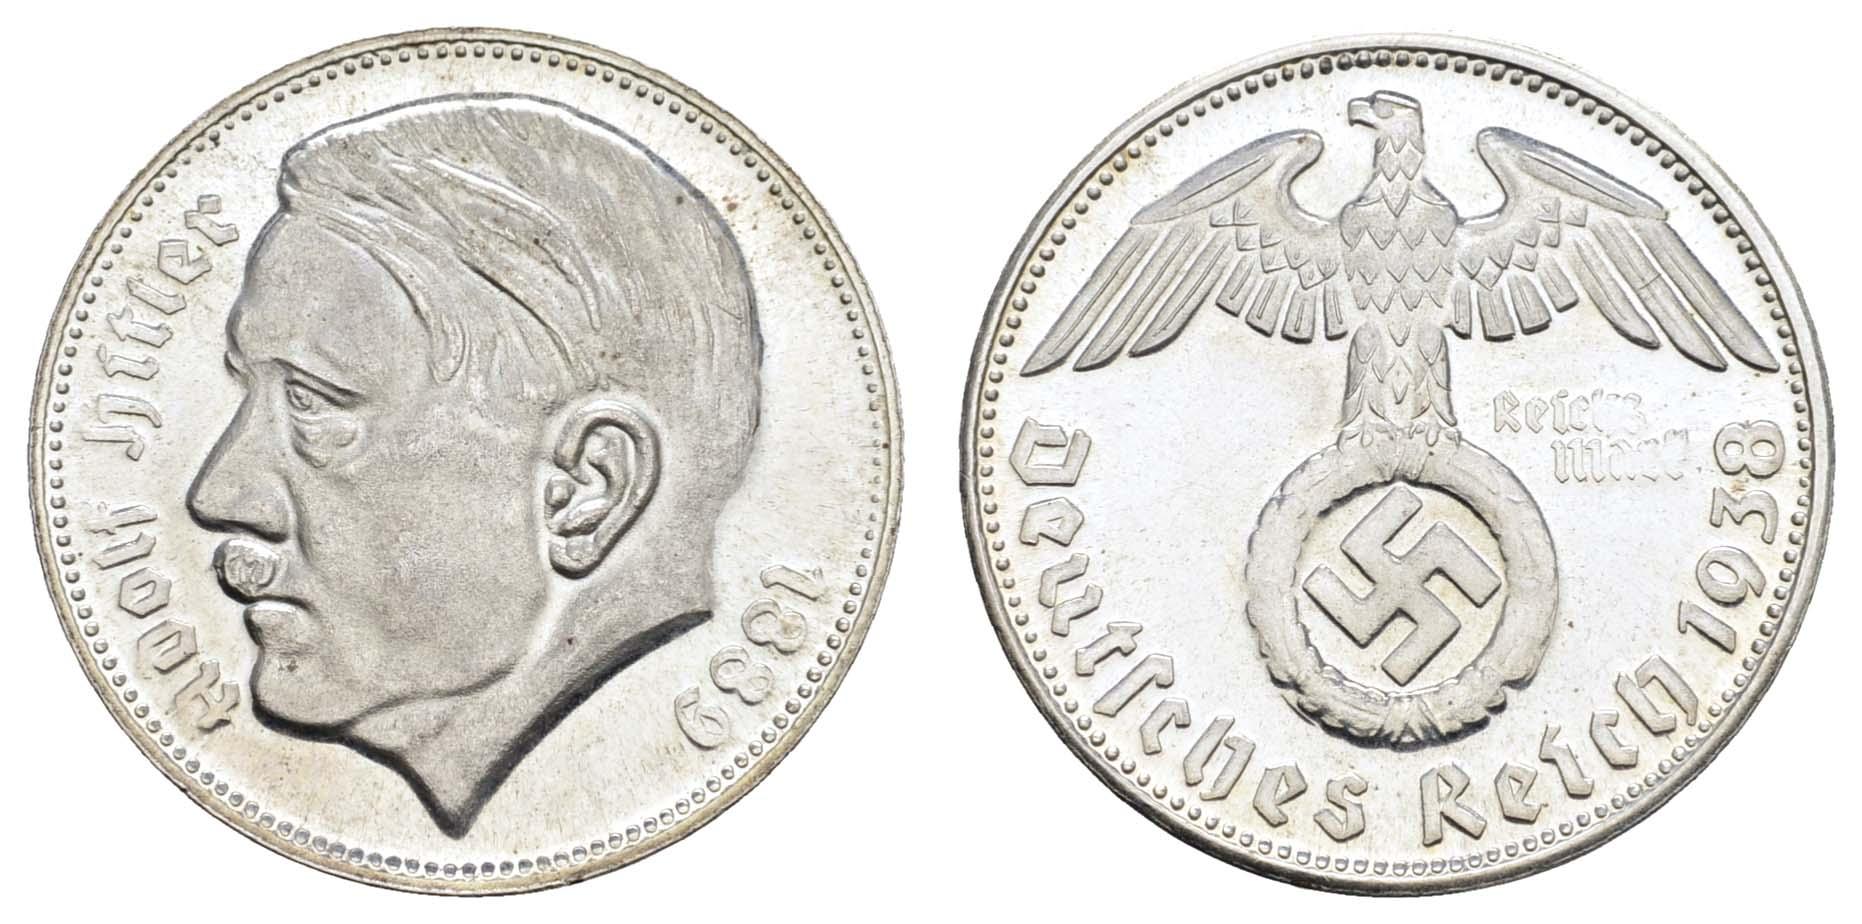 Auktionshaus Felzmann Philatelie Münzen Medaillen Und Banknoten Auktionen Powerd By Auex